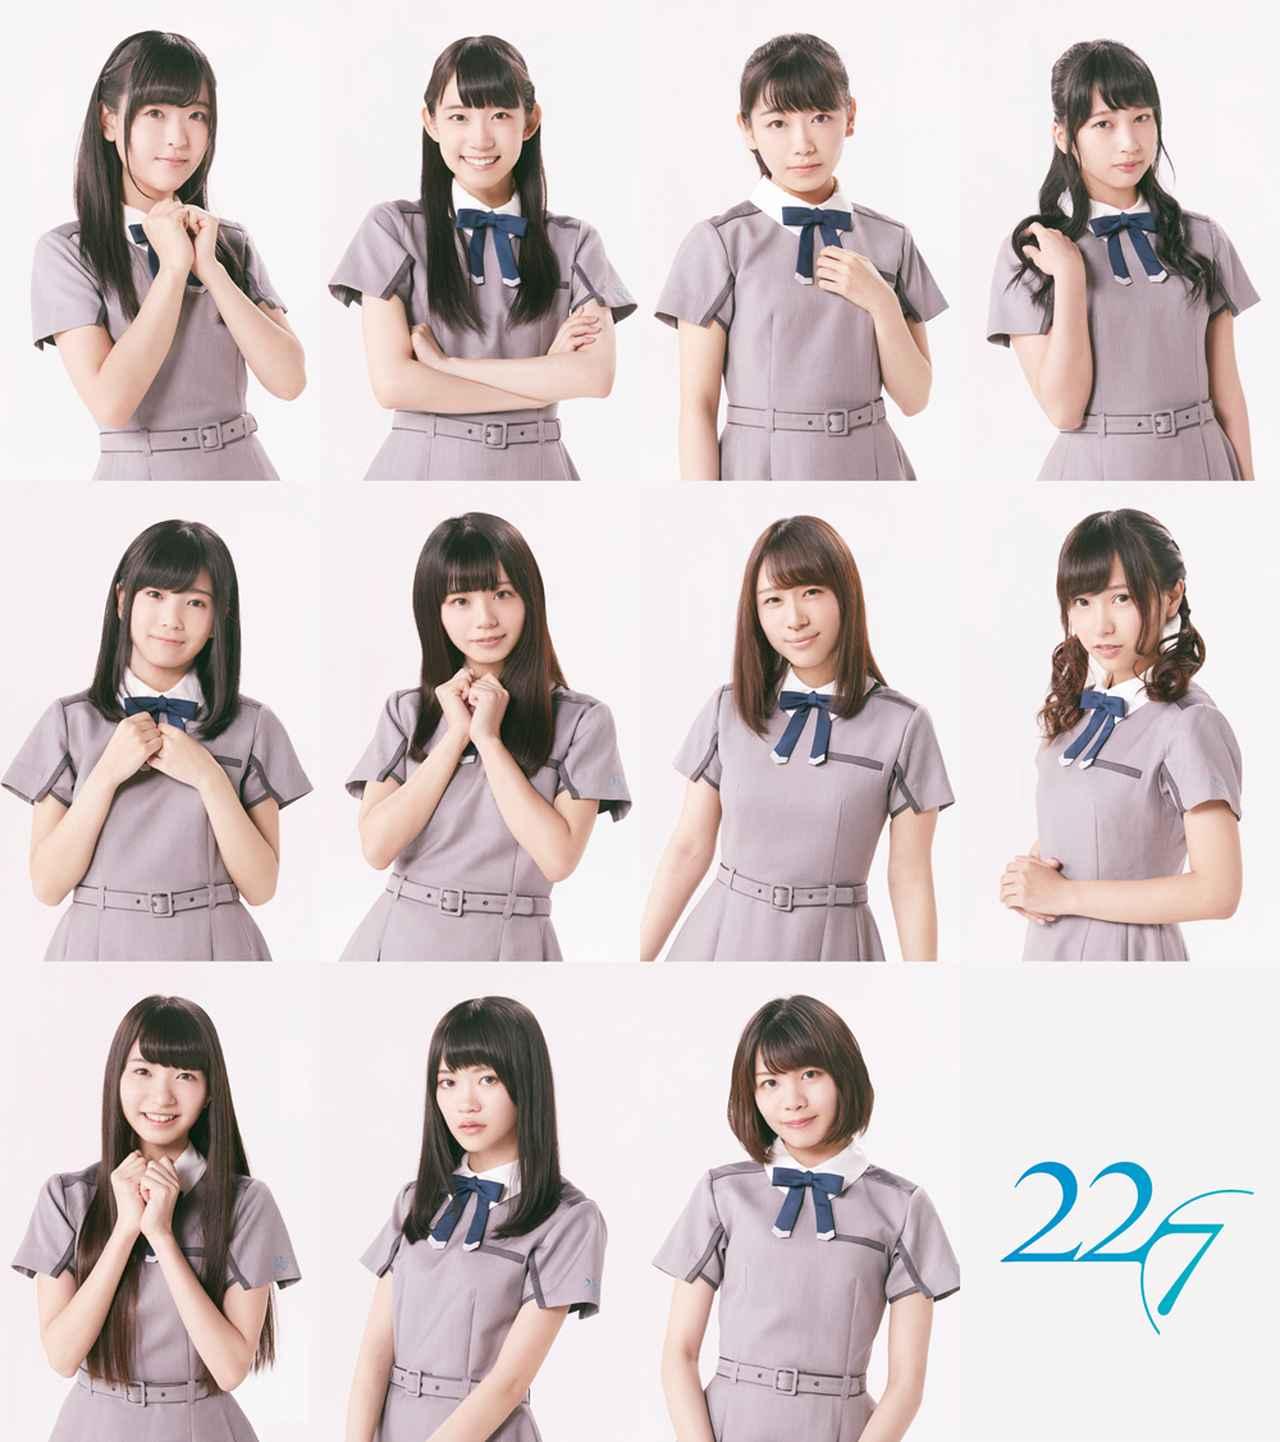 画像1: 「22/7」デビューシングル「僕は存在していなかった」発売決定!